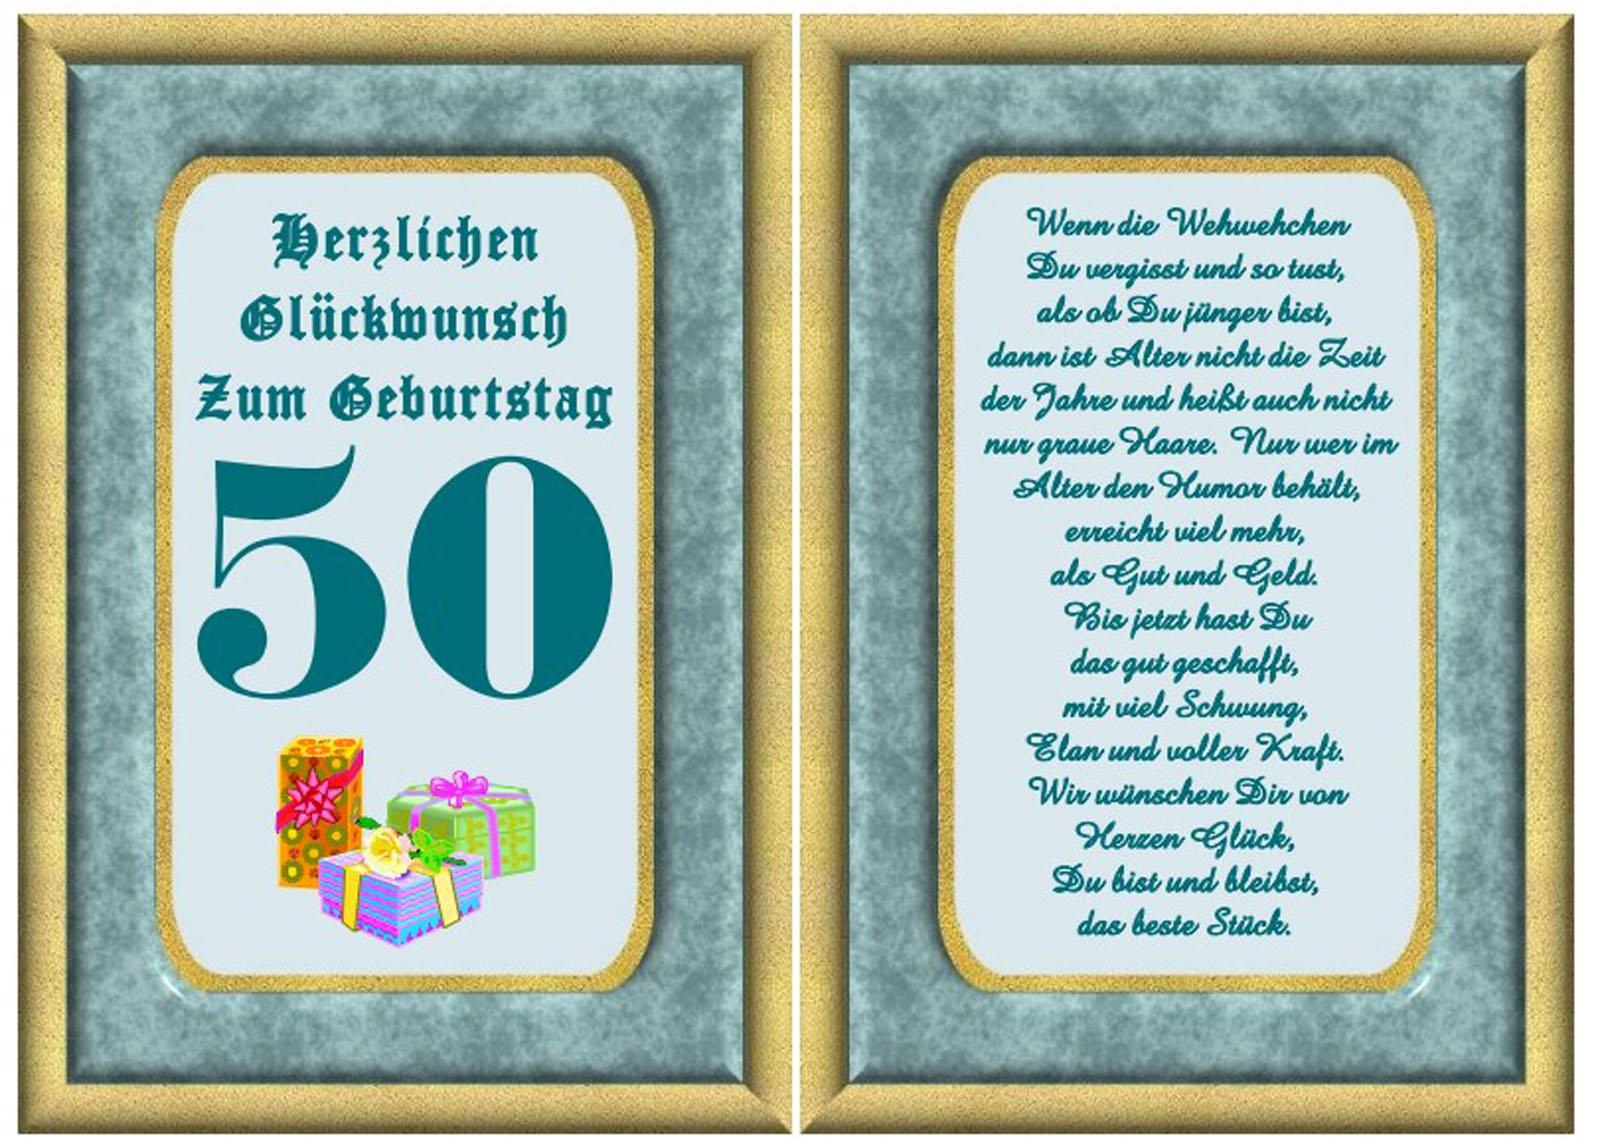 einladung 50 geburtstag : einladung 50 geburtstag vorlagen word, Einladung